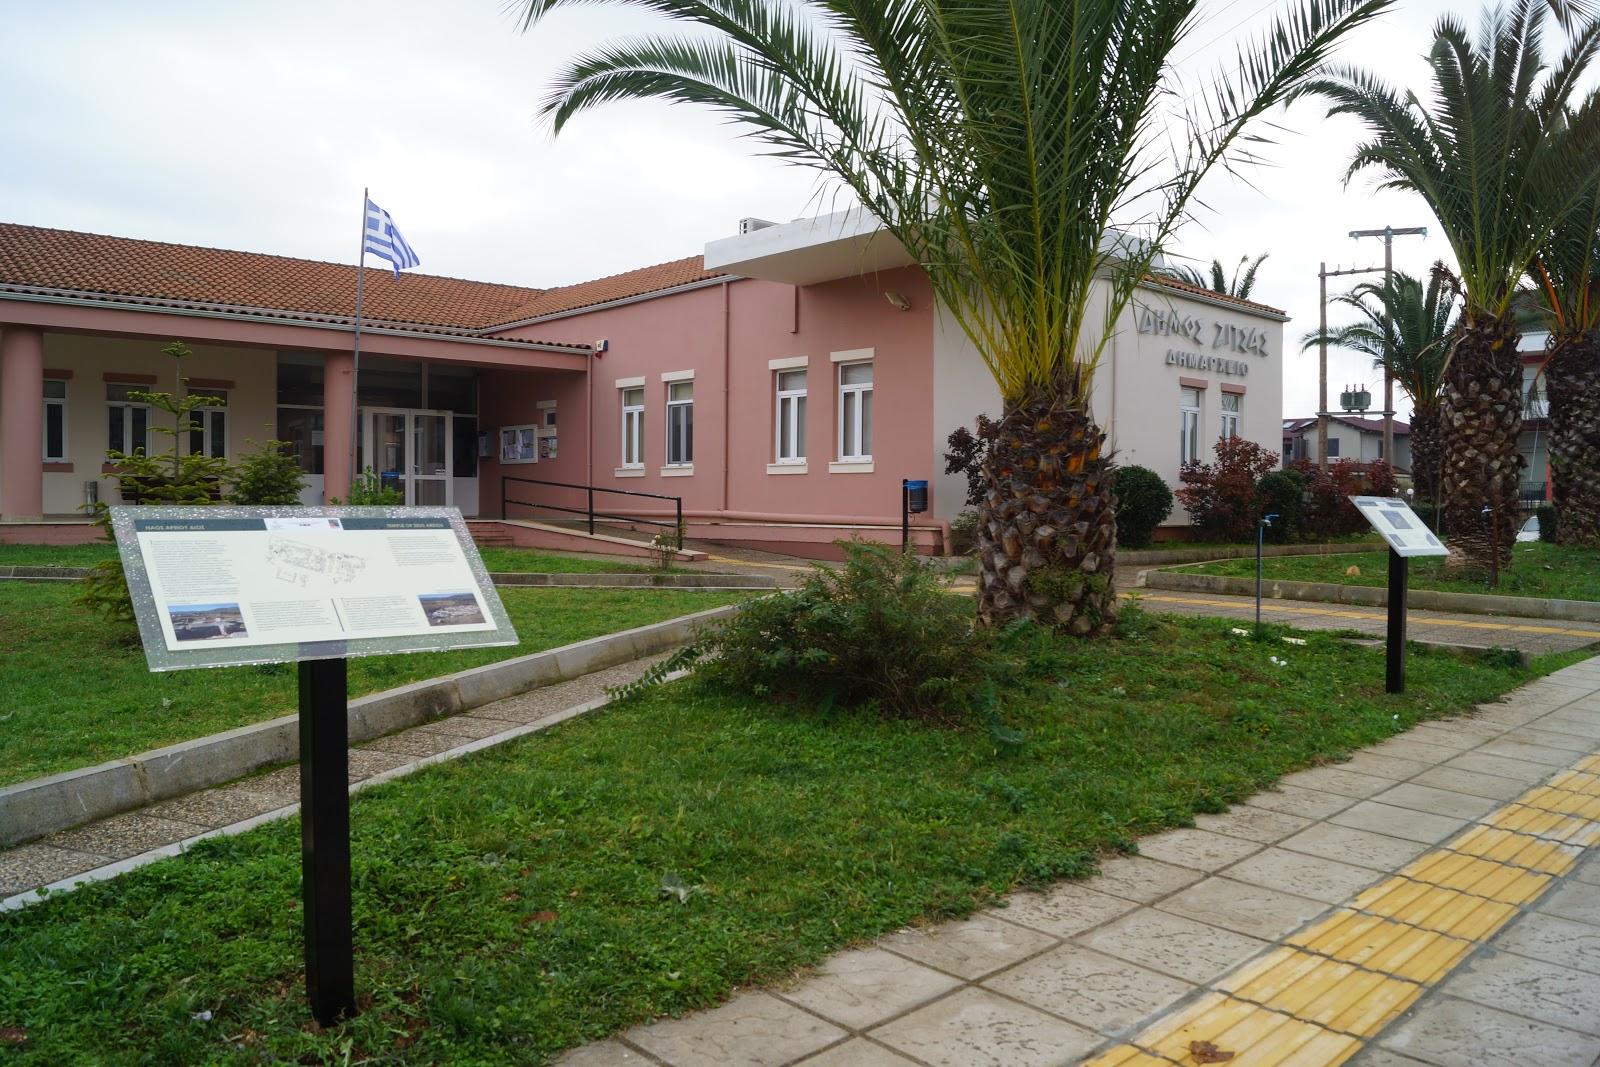 Δήμος Ζίτσας «Πράσινο φως»  για την επέκταση του Δημαρχείου και μελέτες για μια σειρά σημαντικών έργων